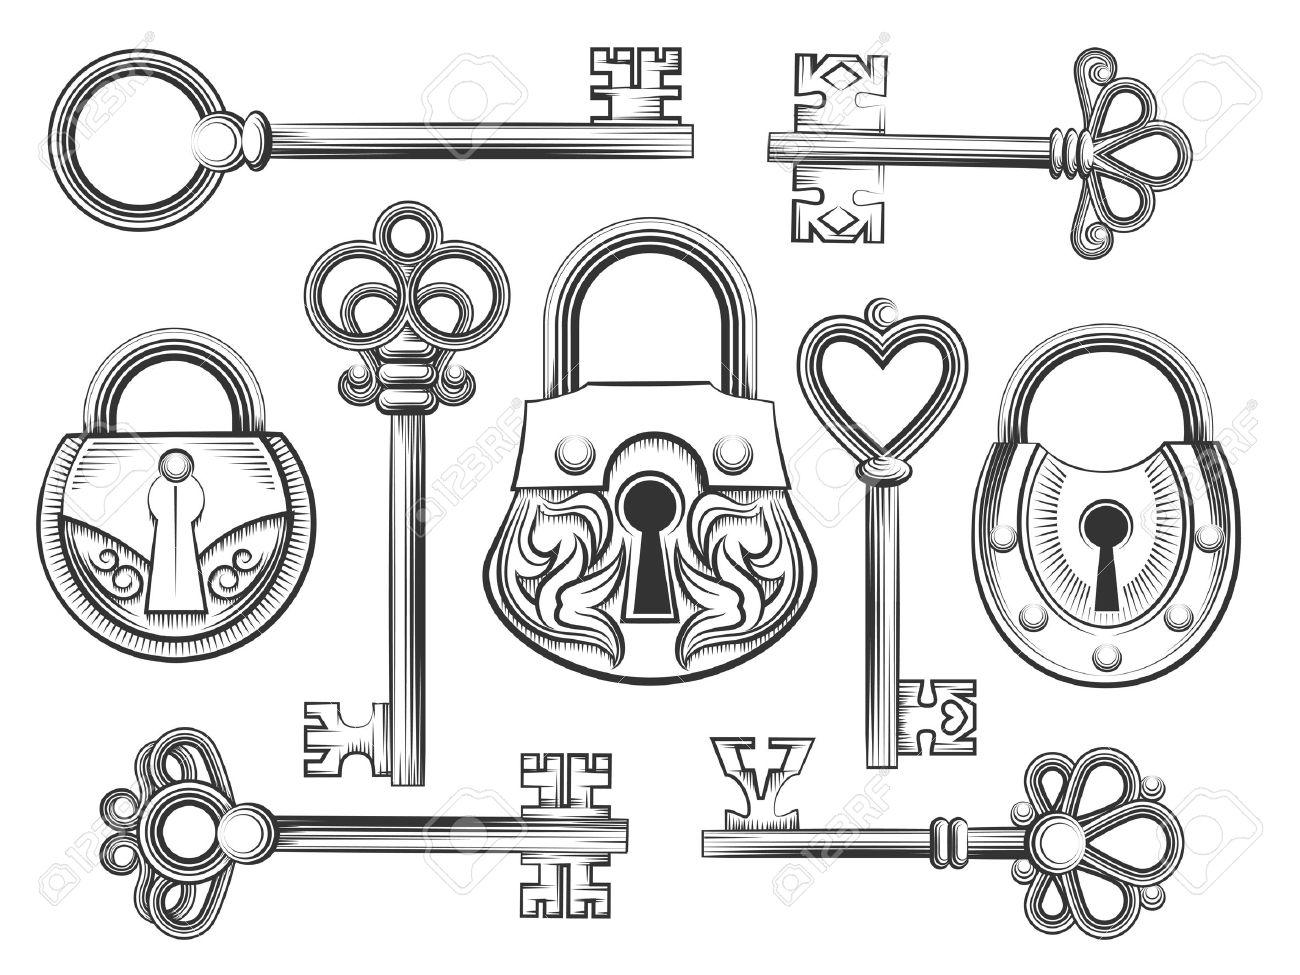 Vintage Key Drawing At Getdrawings